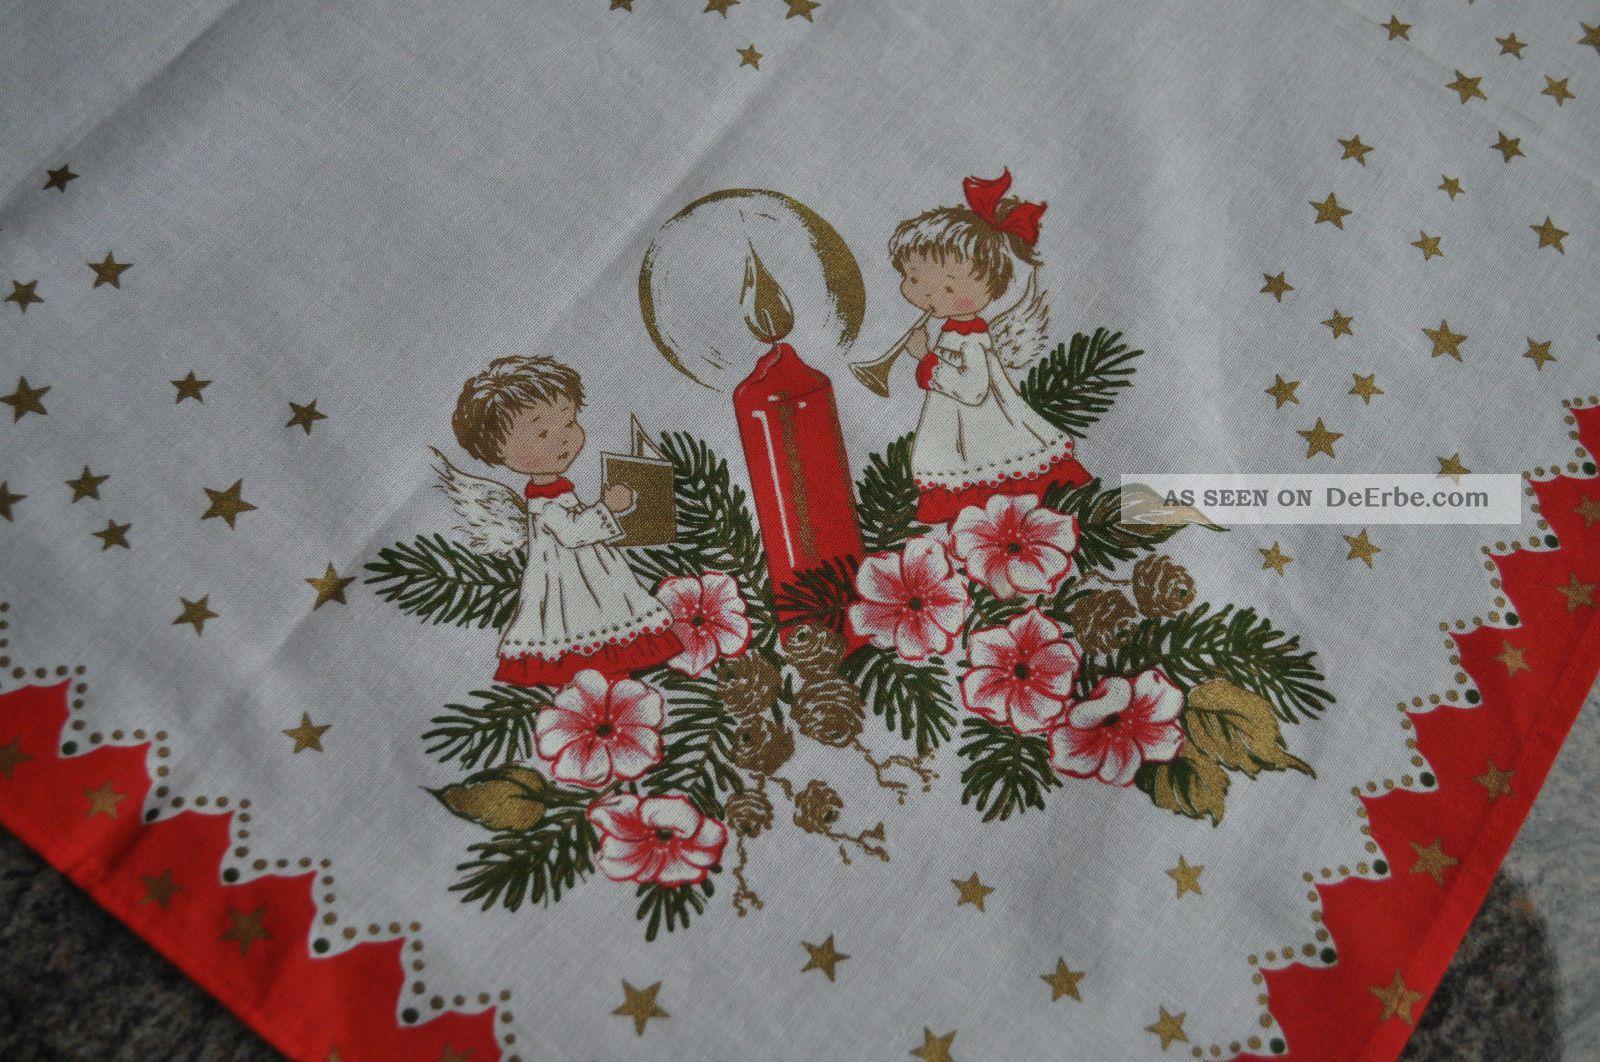 edle mitteldecke tischdecke weihnachten engel traum top. Black Bedroom Furniture Sets. Home Design Ideas